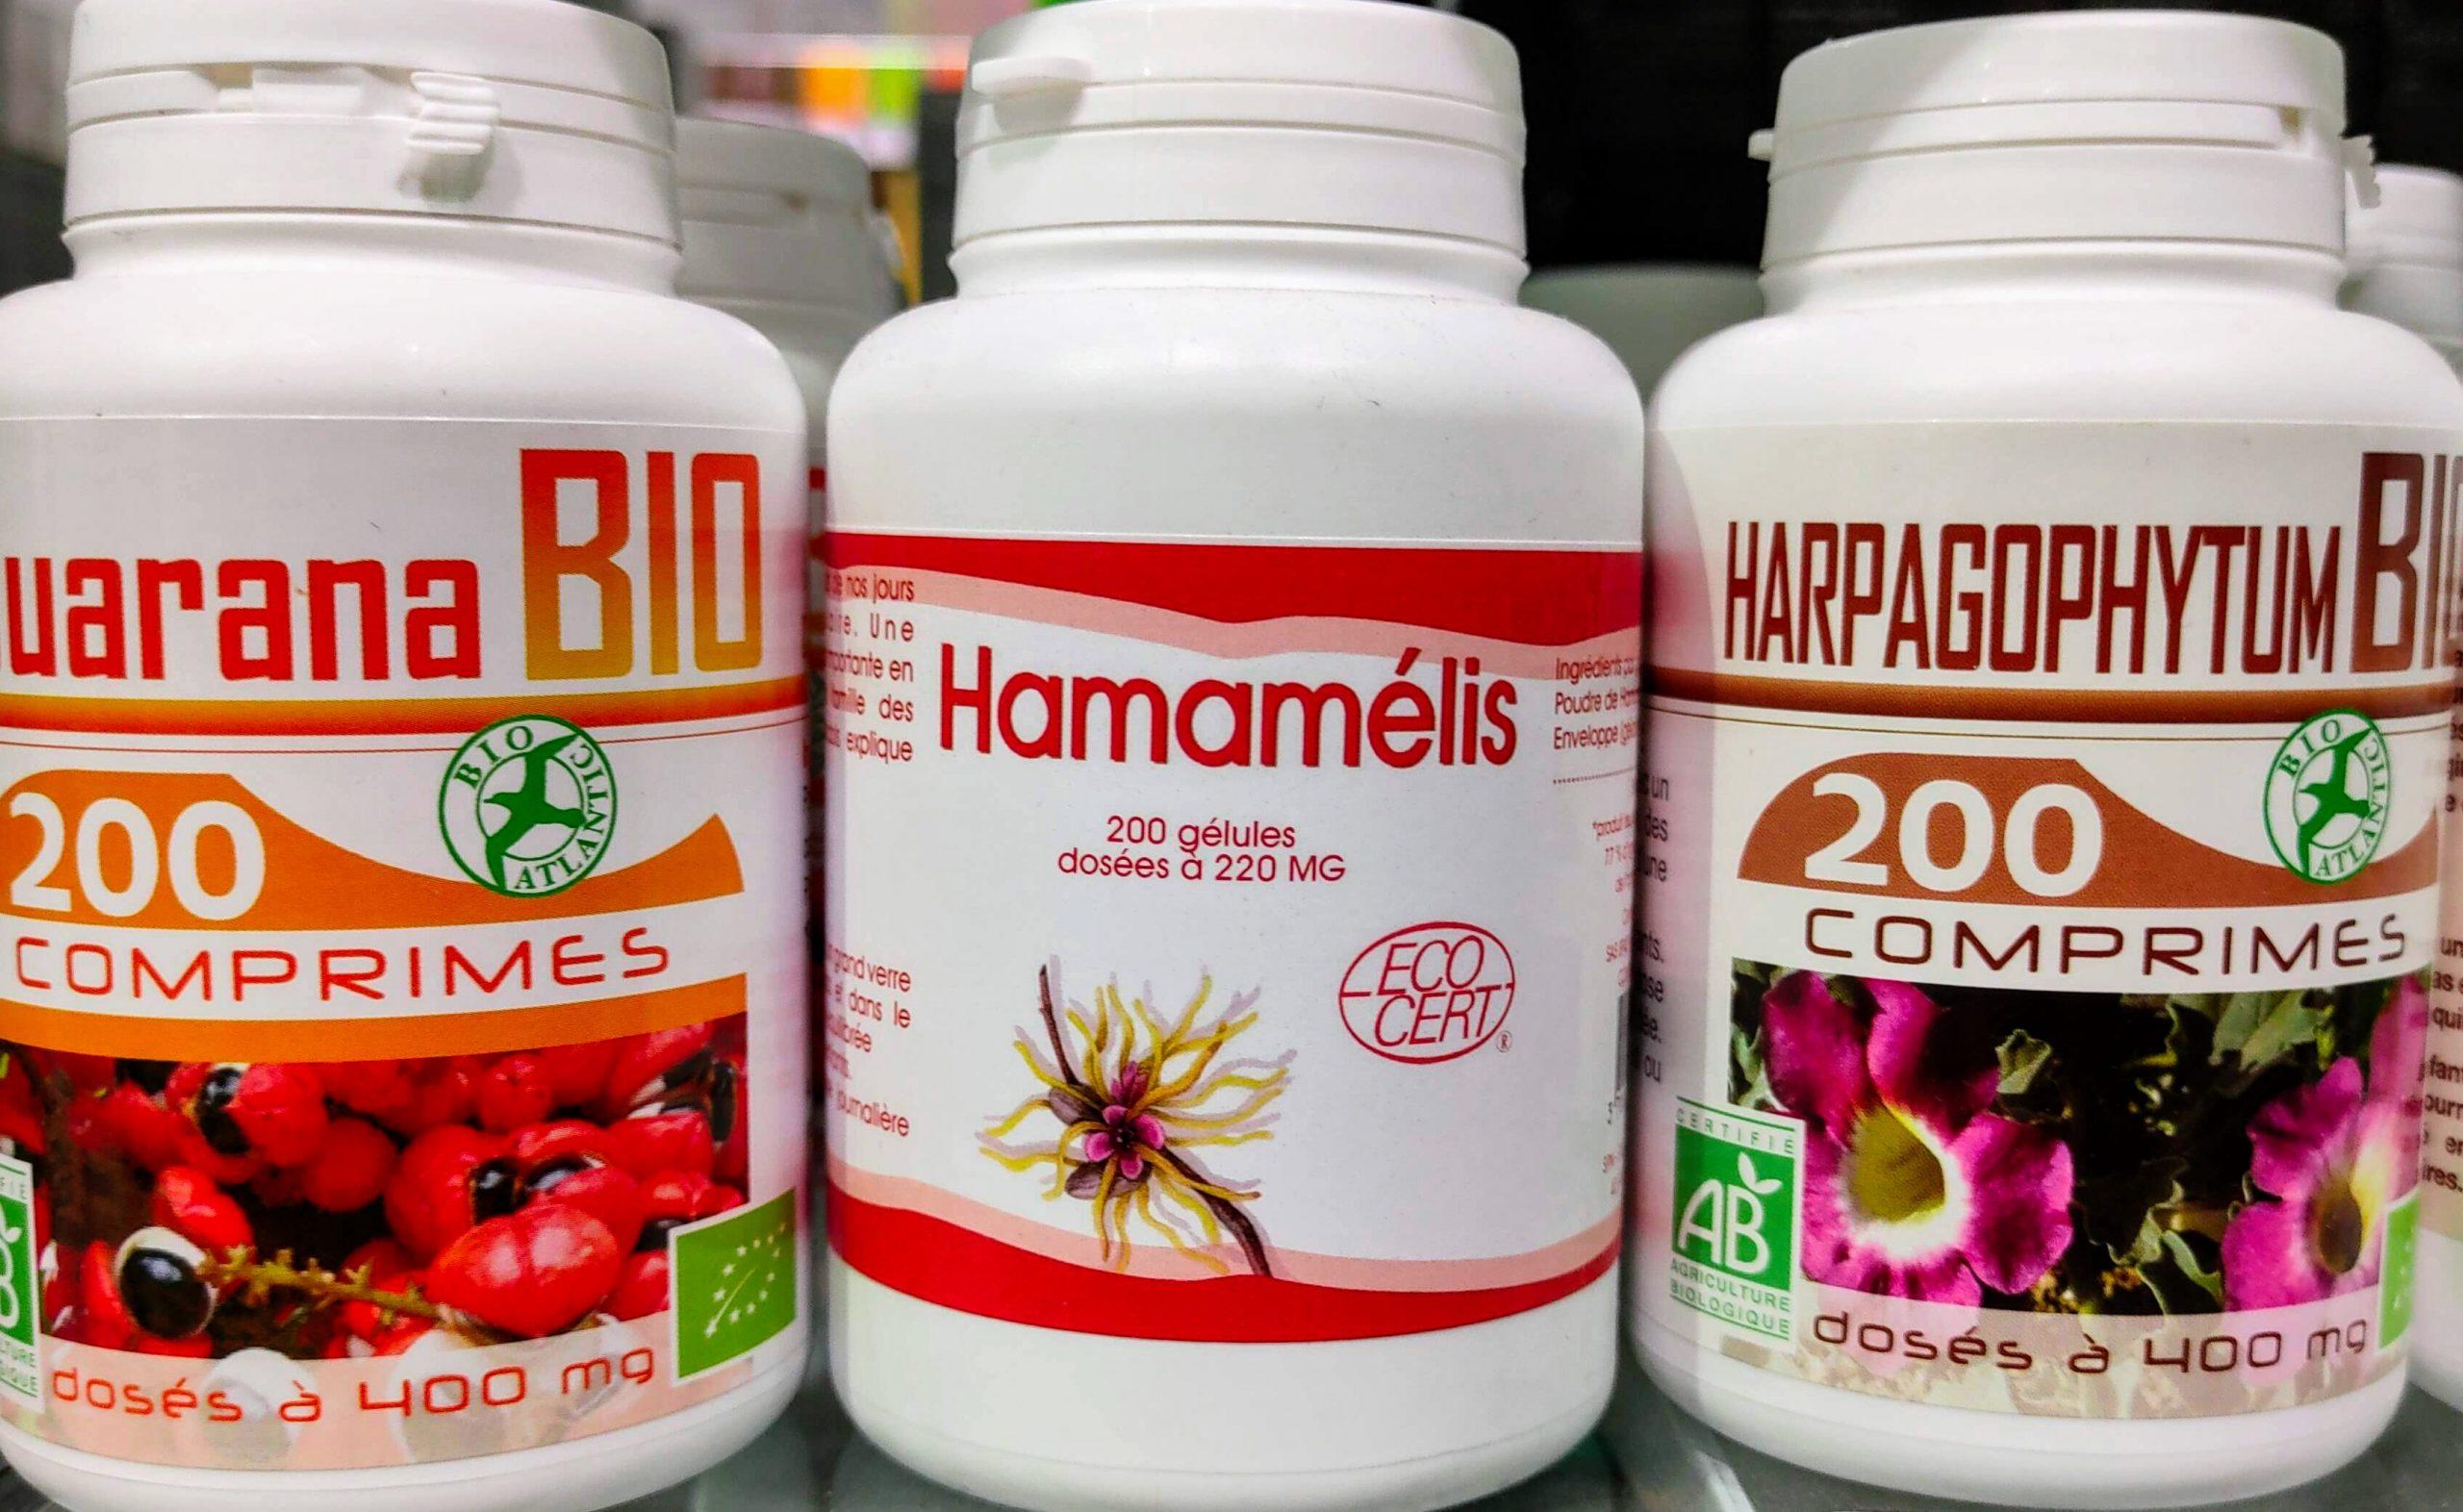 COMPRAR GUARANA BIO ATLANTIC EN GRAN FARMACIA ANDORRA ONLINE es un tónico cerebral el guaraná es antioxidante y anti envejecimiento